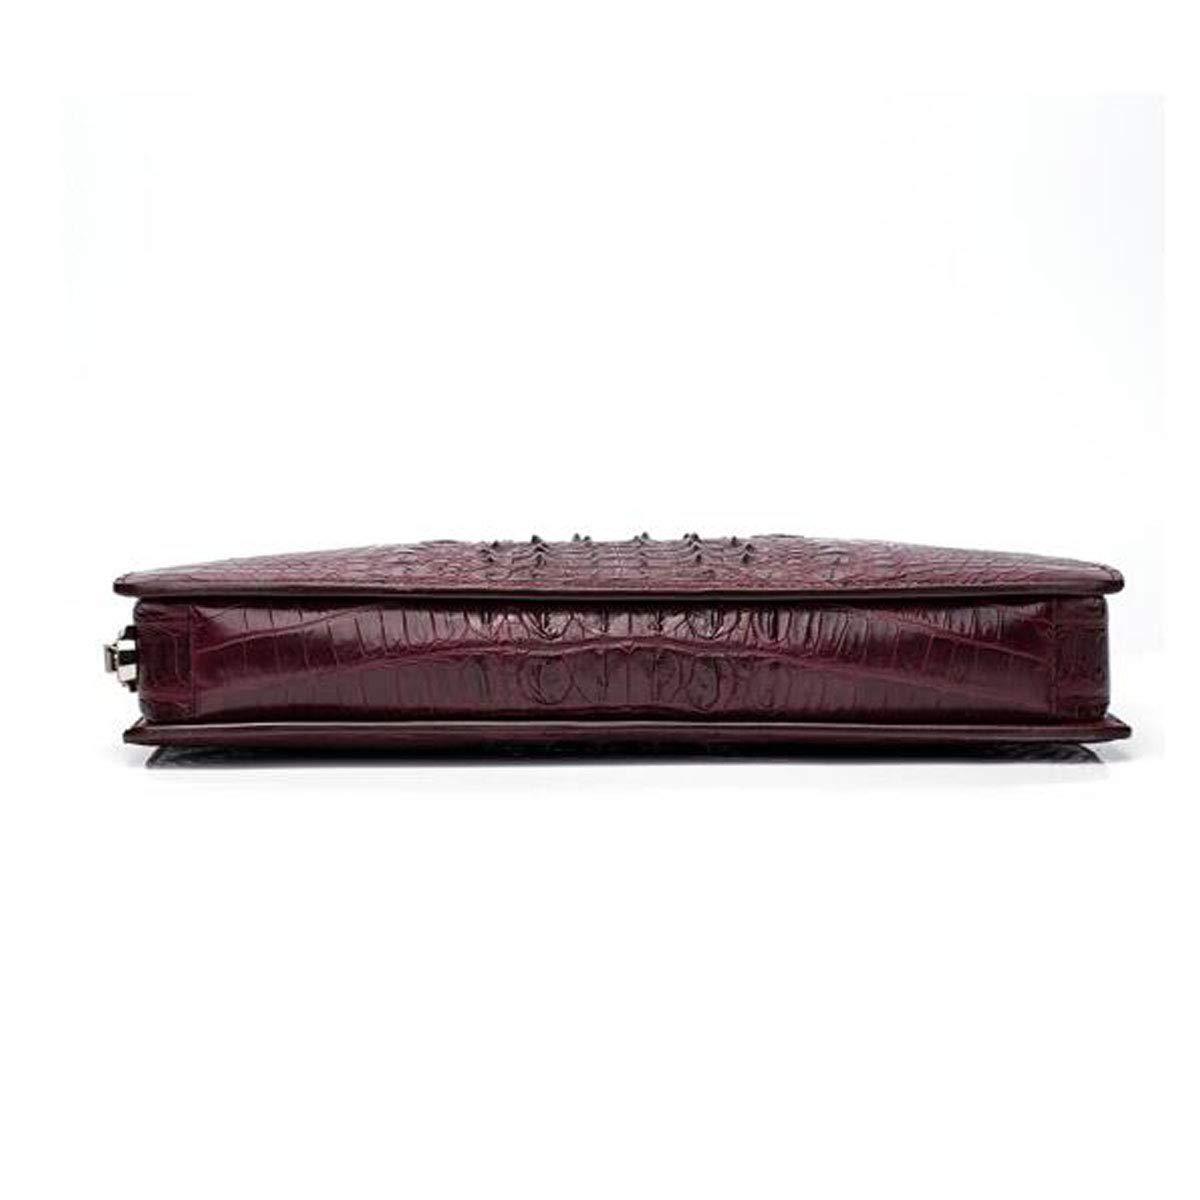 Leather Computer Bag Black Size: 35627cm Mens Handbag Mens Lawyer Bag Kehuitong Briefcase Color : Wine red